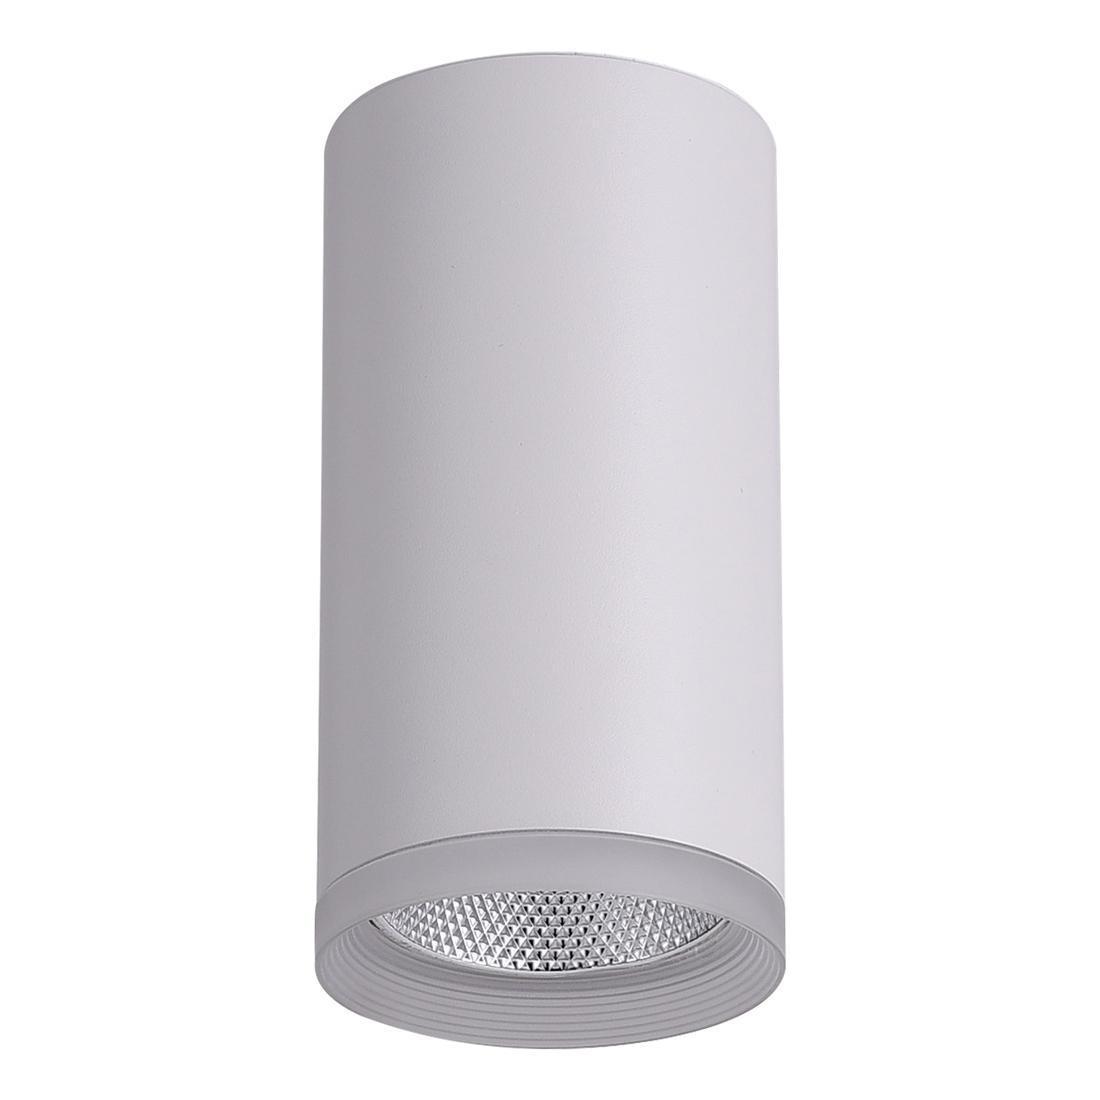 купить Накладной светильник Feron 32503, LED, 15 Вт по цене 1745 рублей